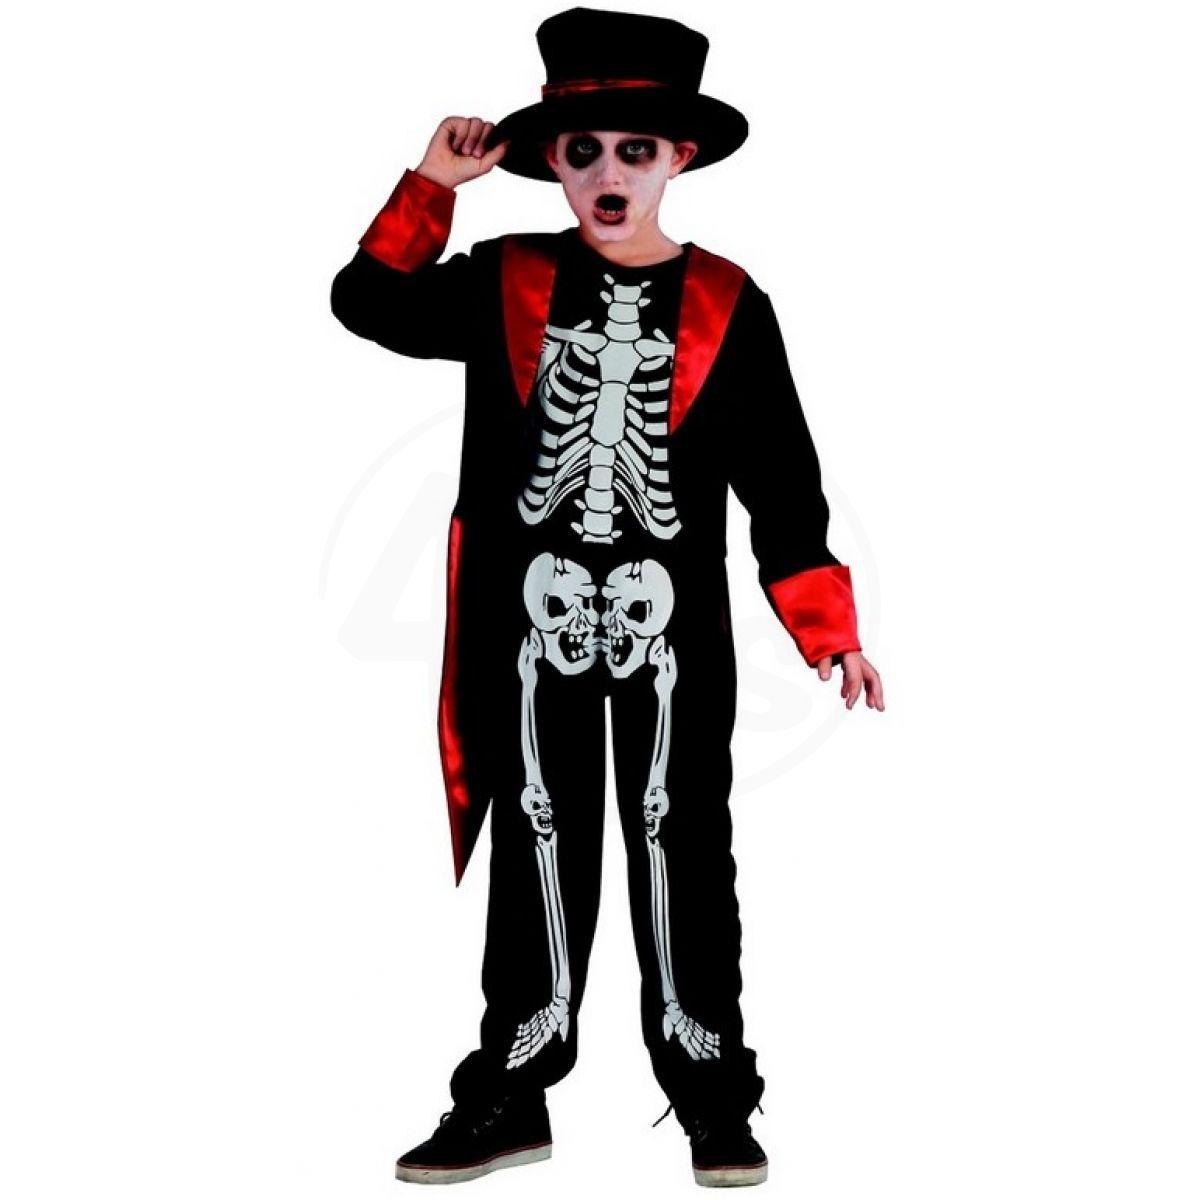 02539c4a4be8 Made Dětský karnevalový kostým Kostra chlapec 120 -130 cm